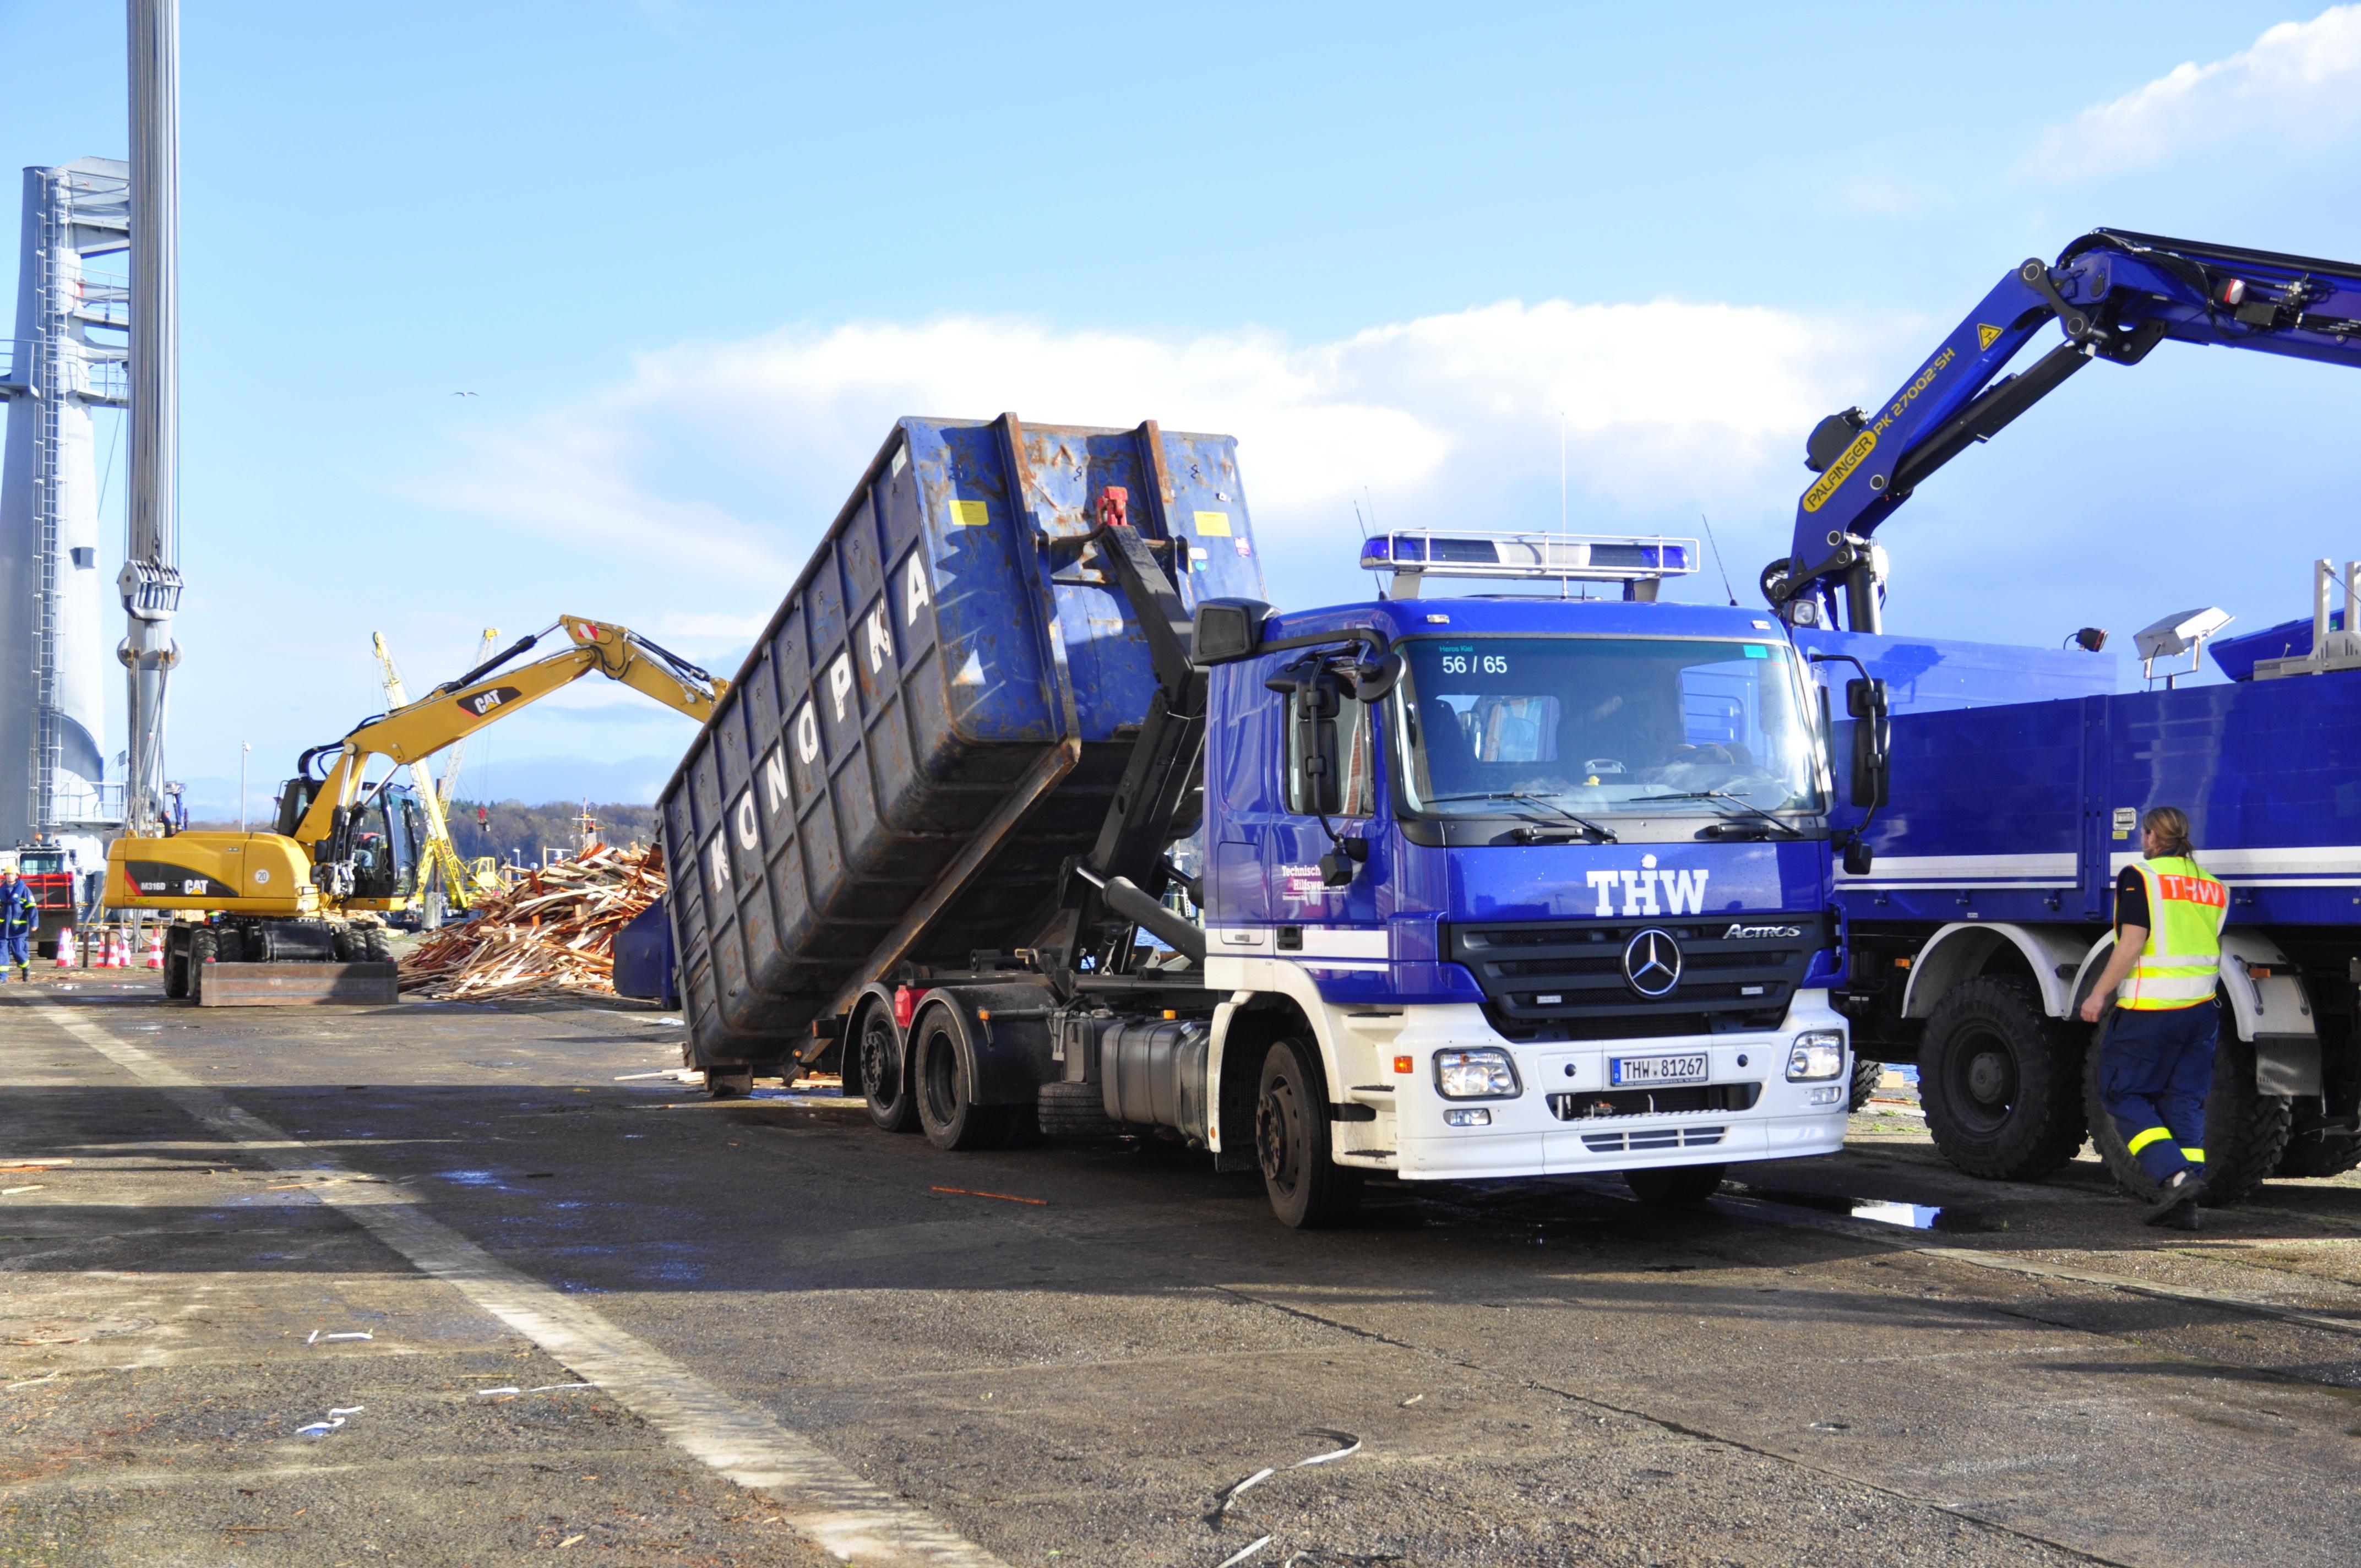 THW-LKW mit Wechsellader, bestückt mit Containern aus der